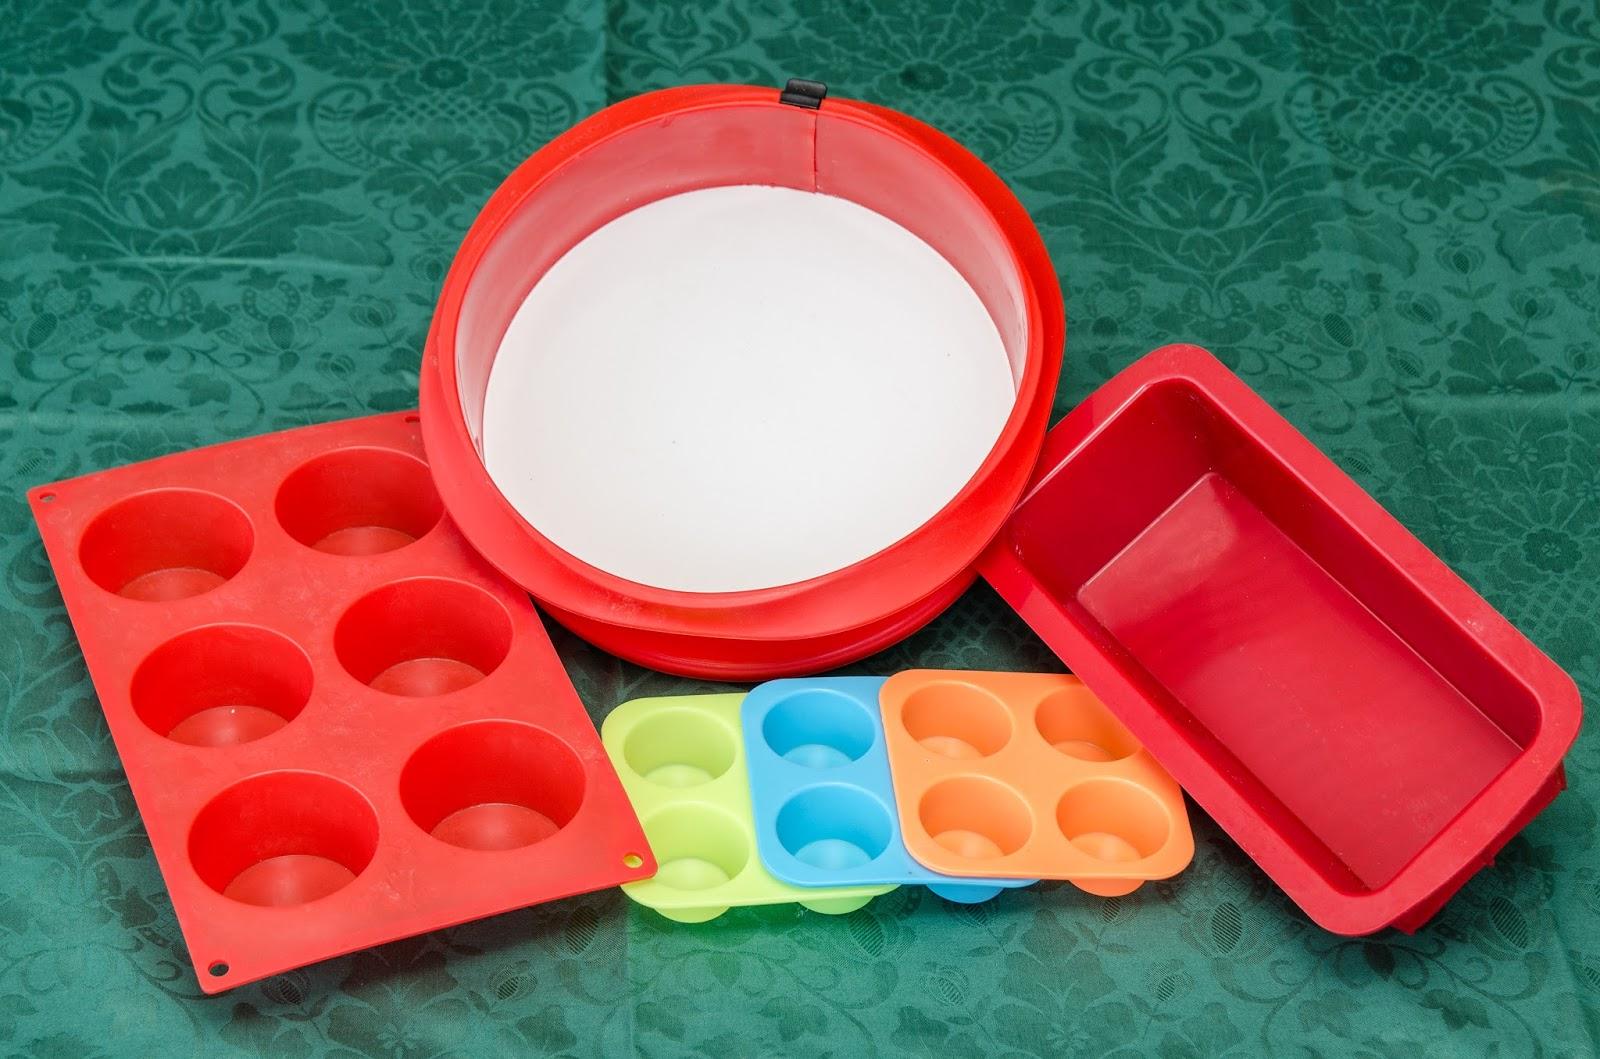 moldes-utensilios-recipientes-cocina-silicona-postres-muffins-cupcakes-recetas-faciles-bruja